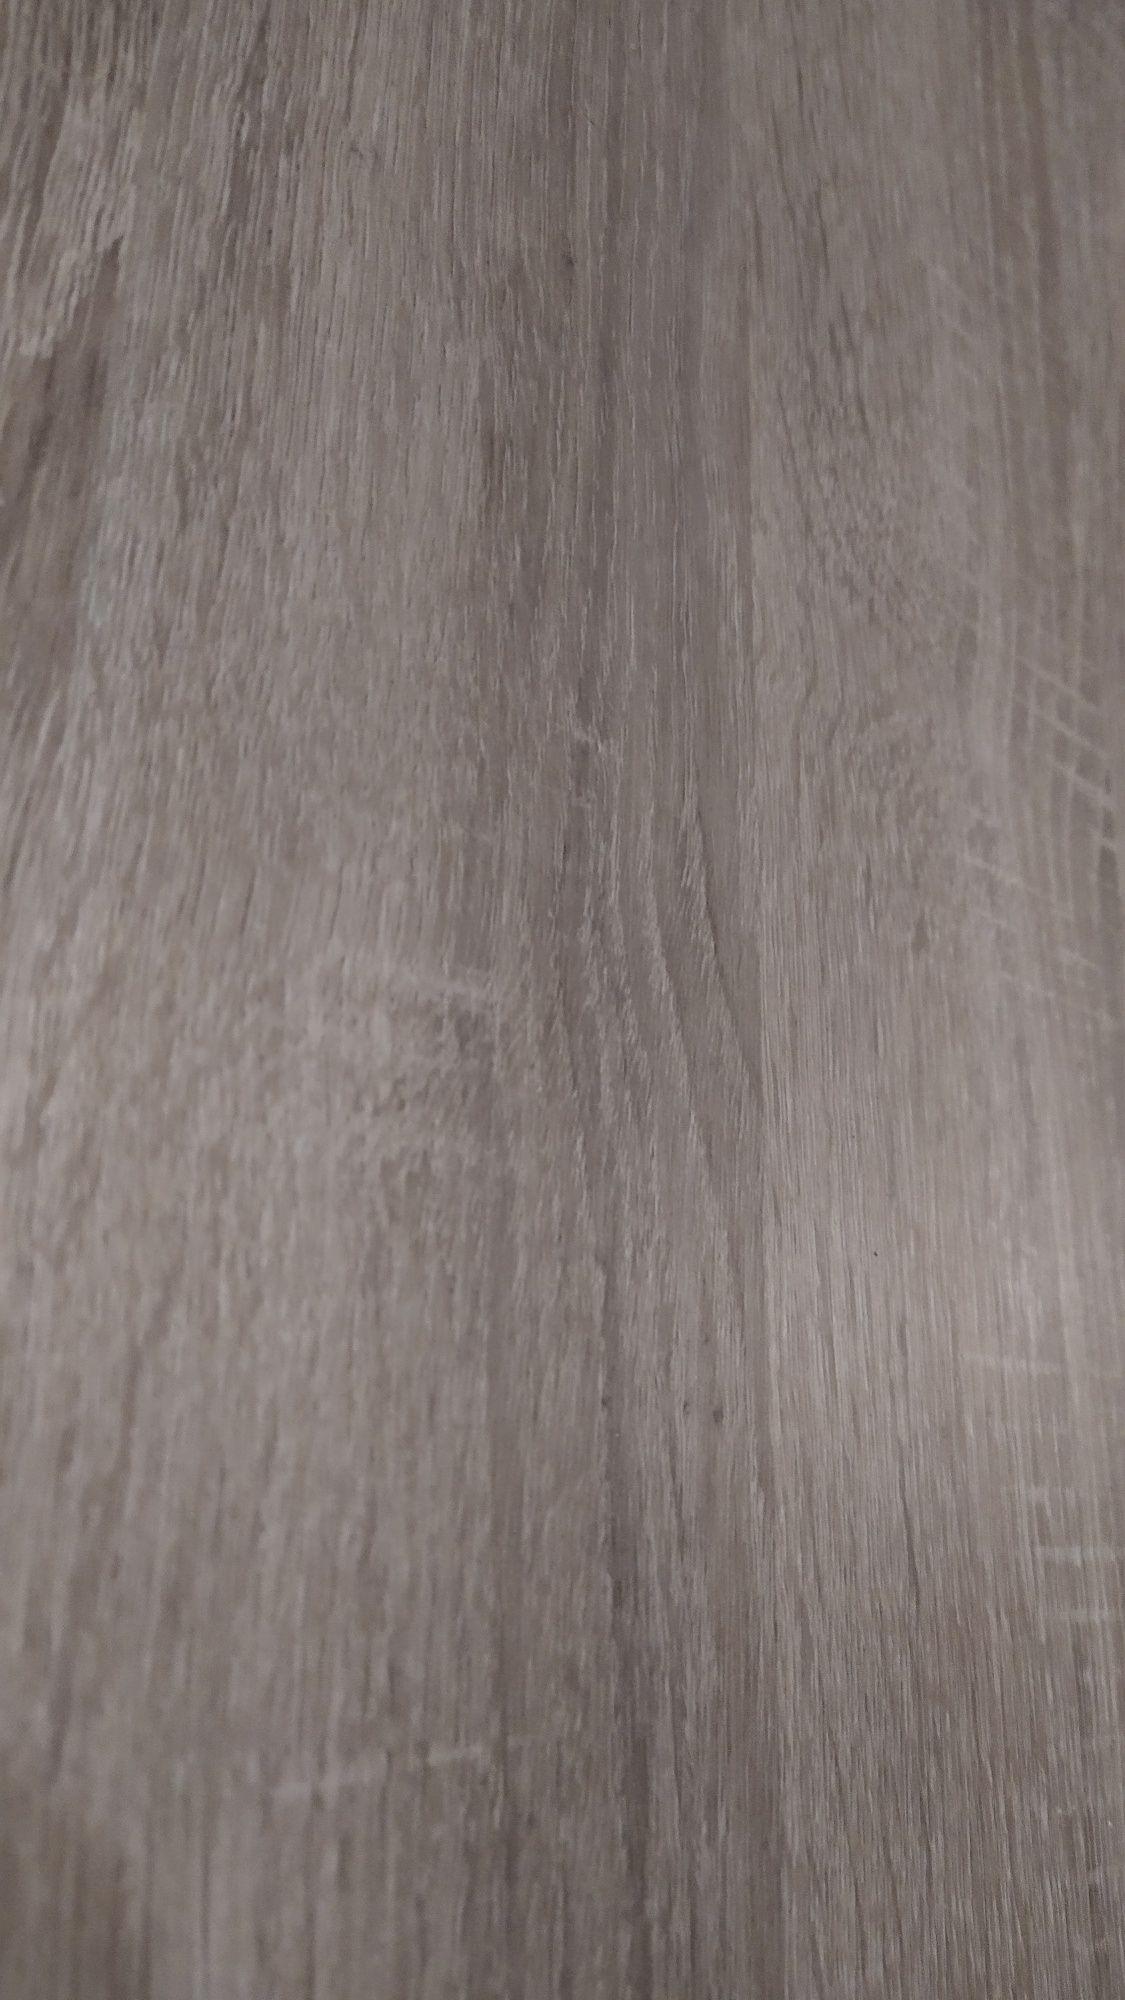 Blat kuchenny 40x60 cm Dąb Sonoma